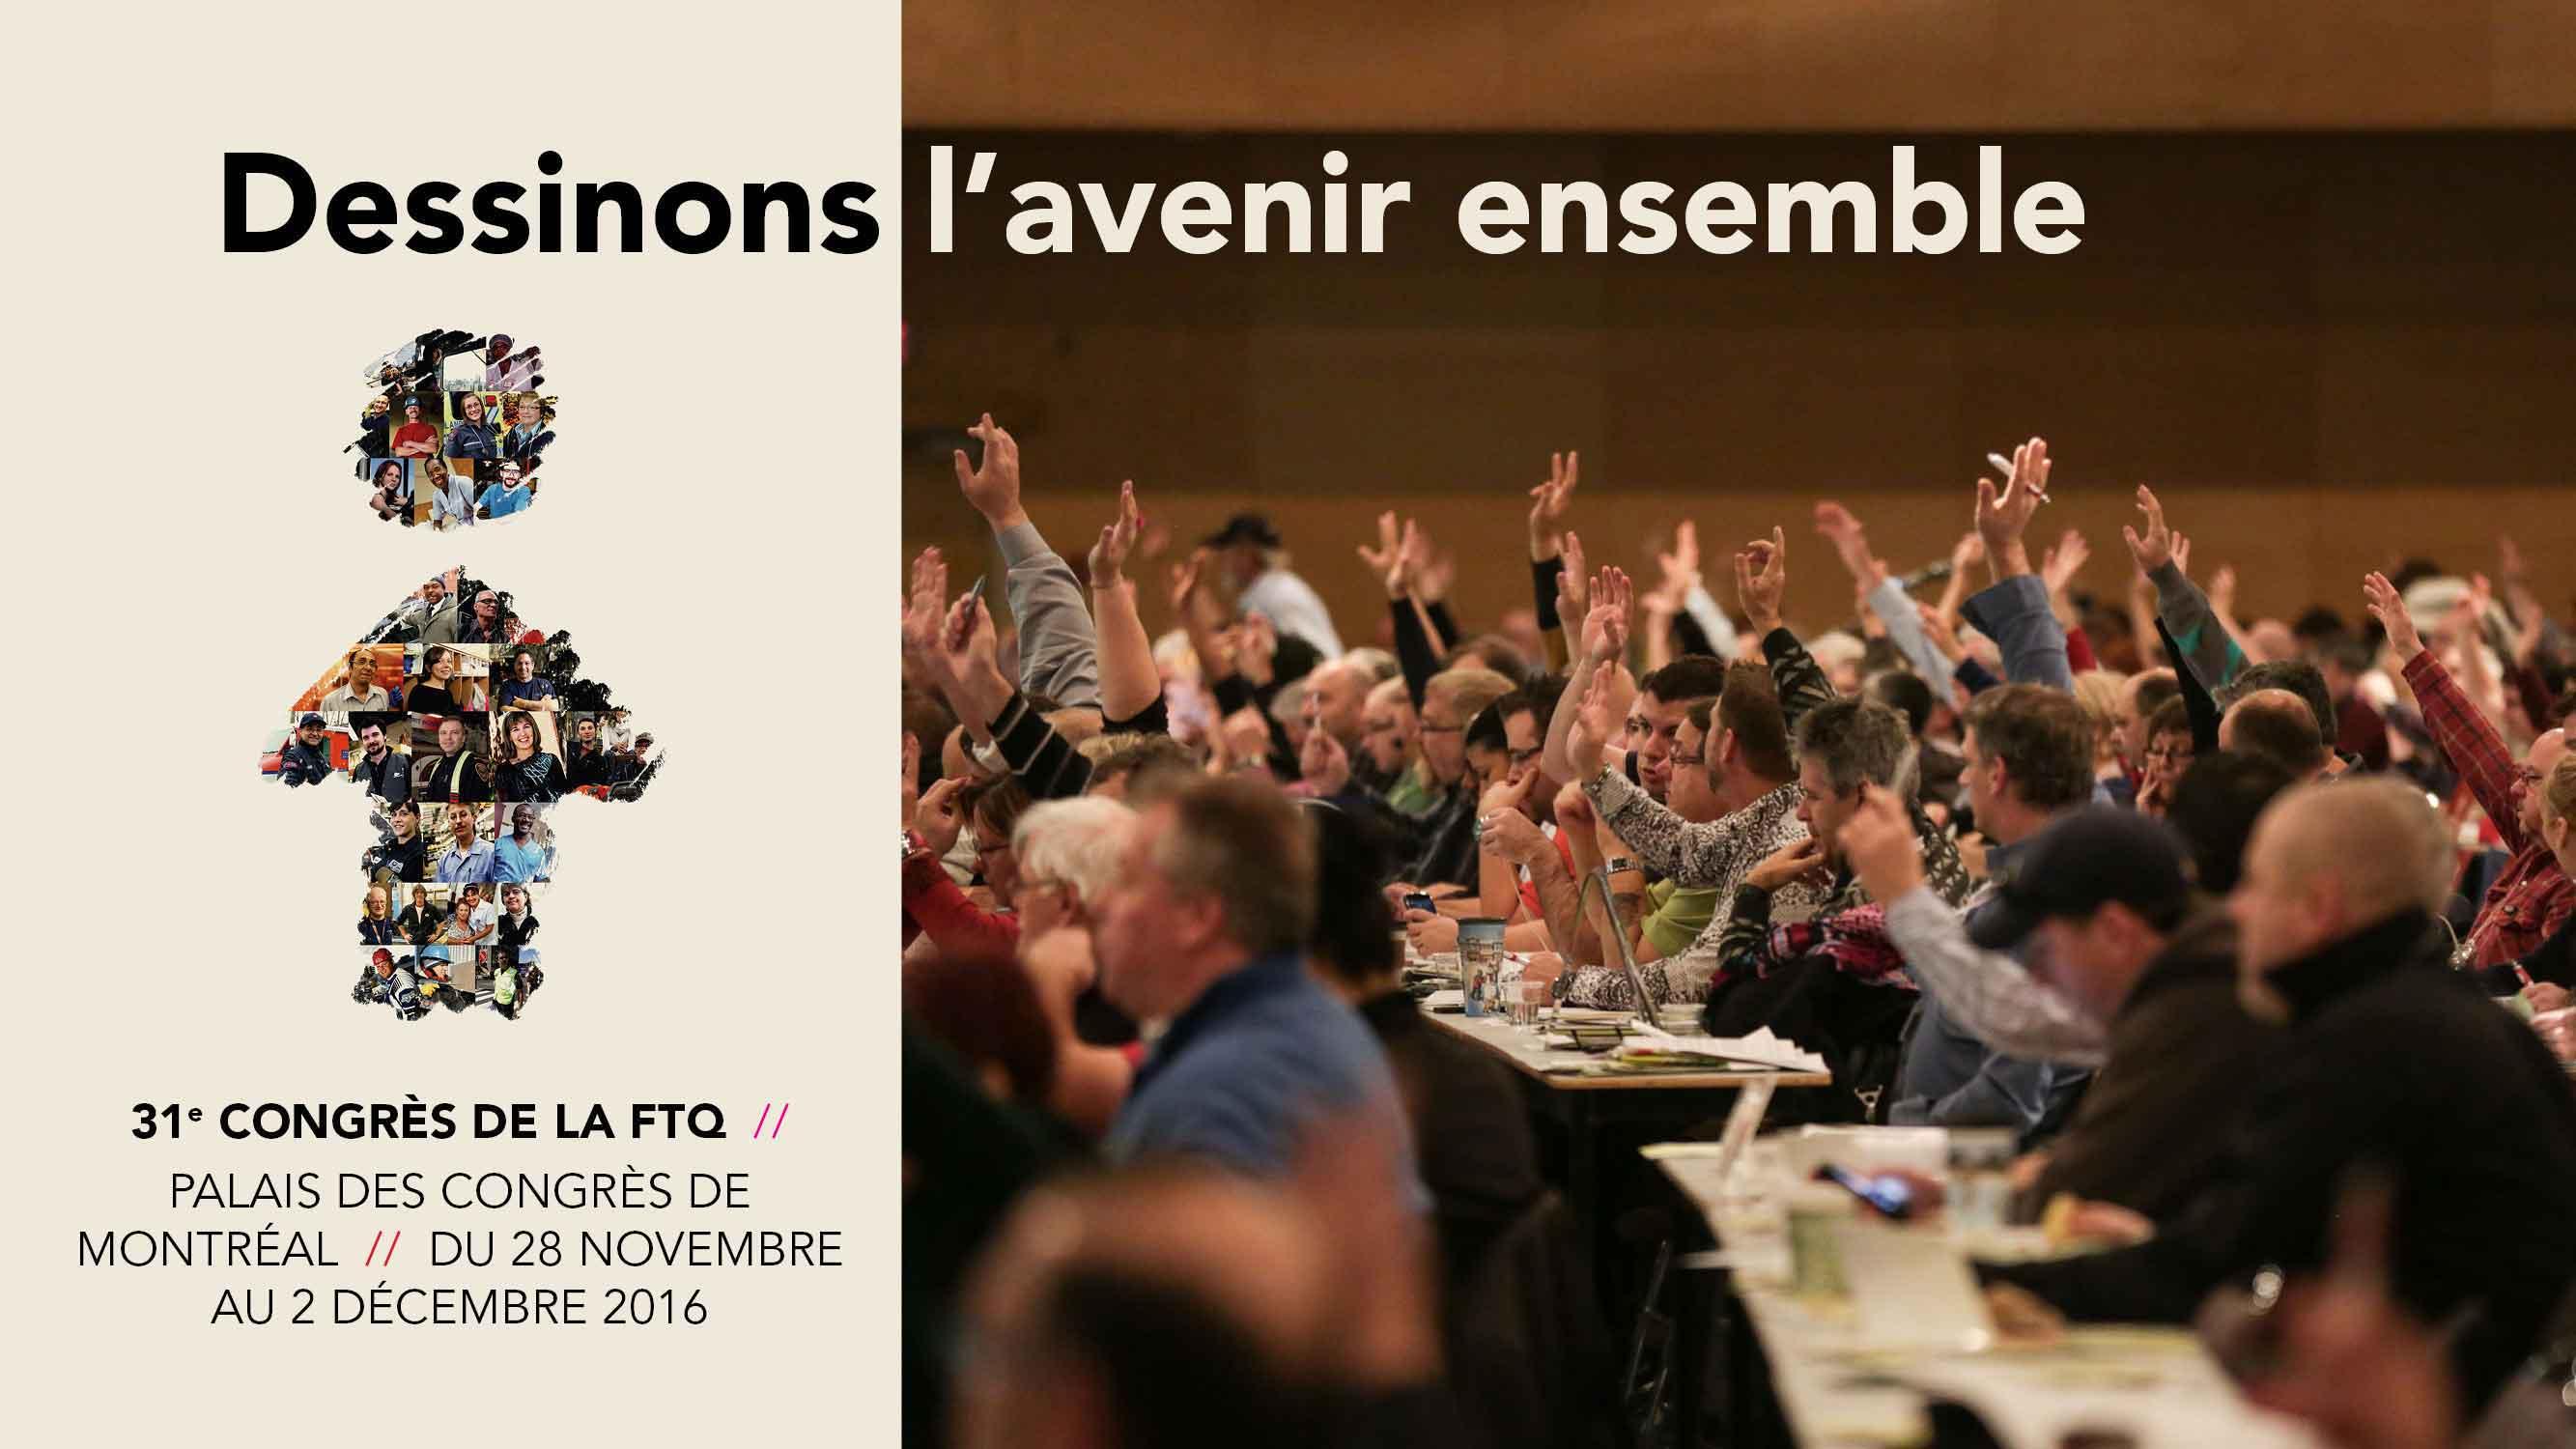 31e Congrès de la FTQ - Dessinons l'avenir ensemble